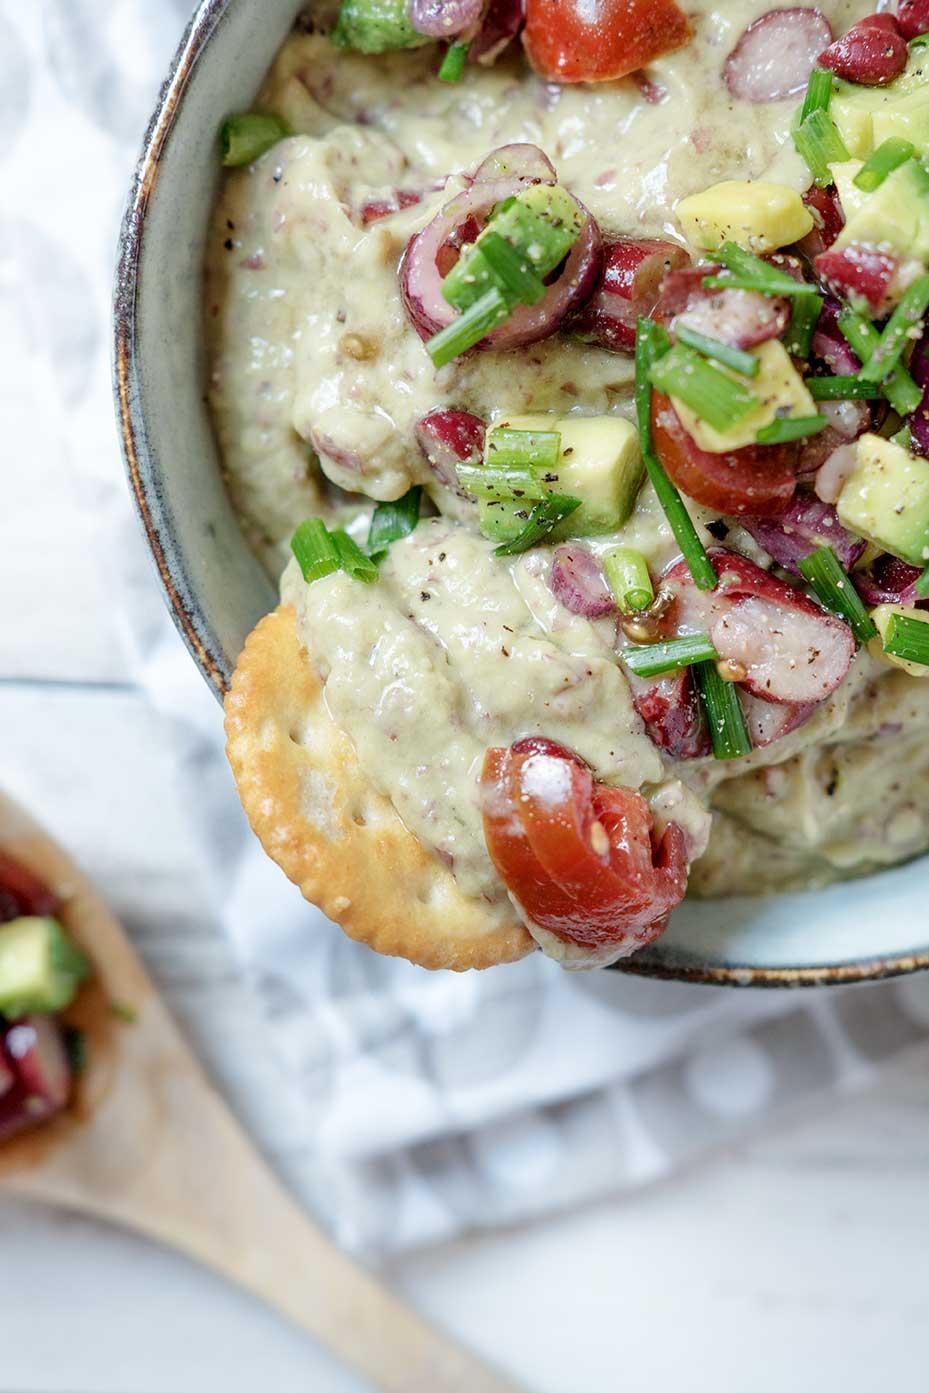 Salat und Avocado Dip in einer Schüssel